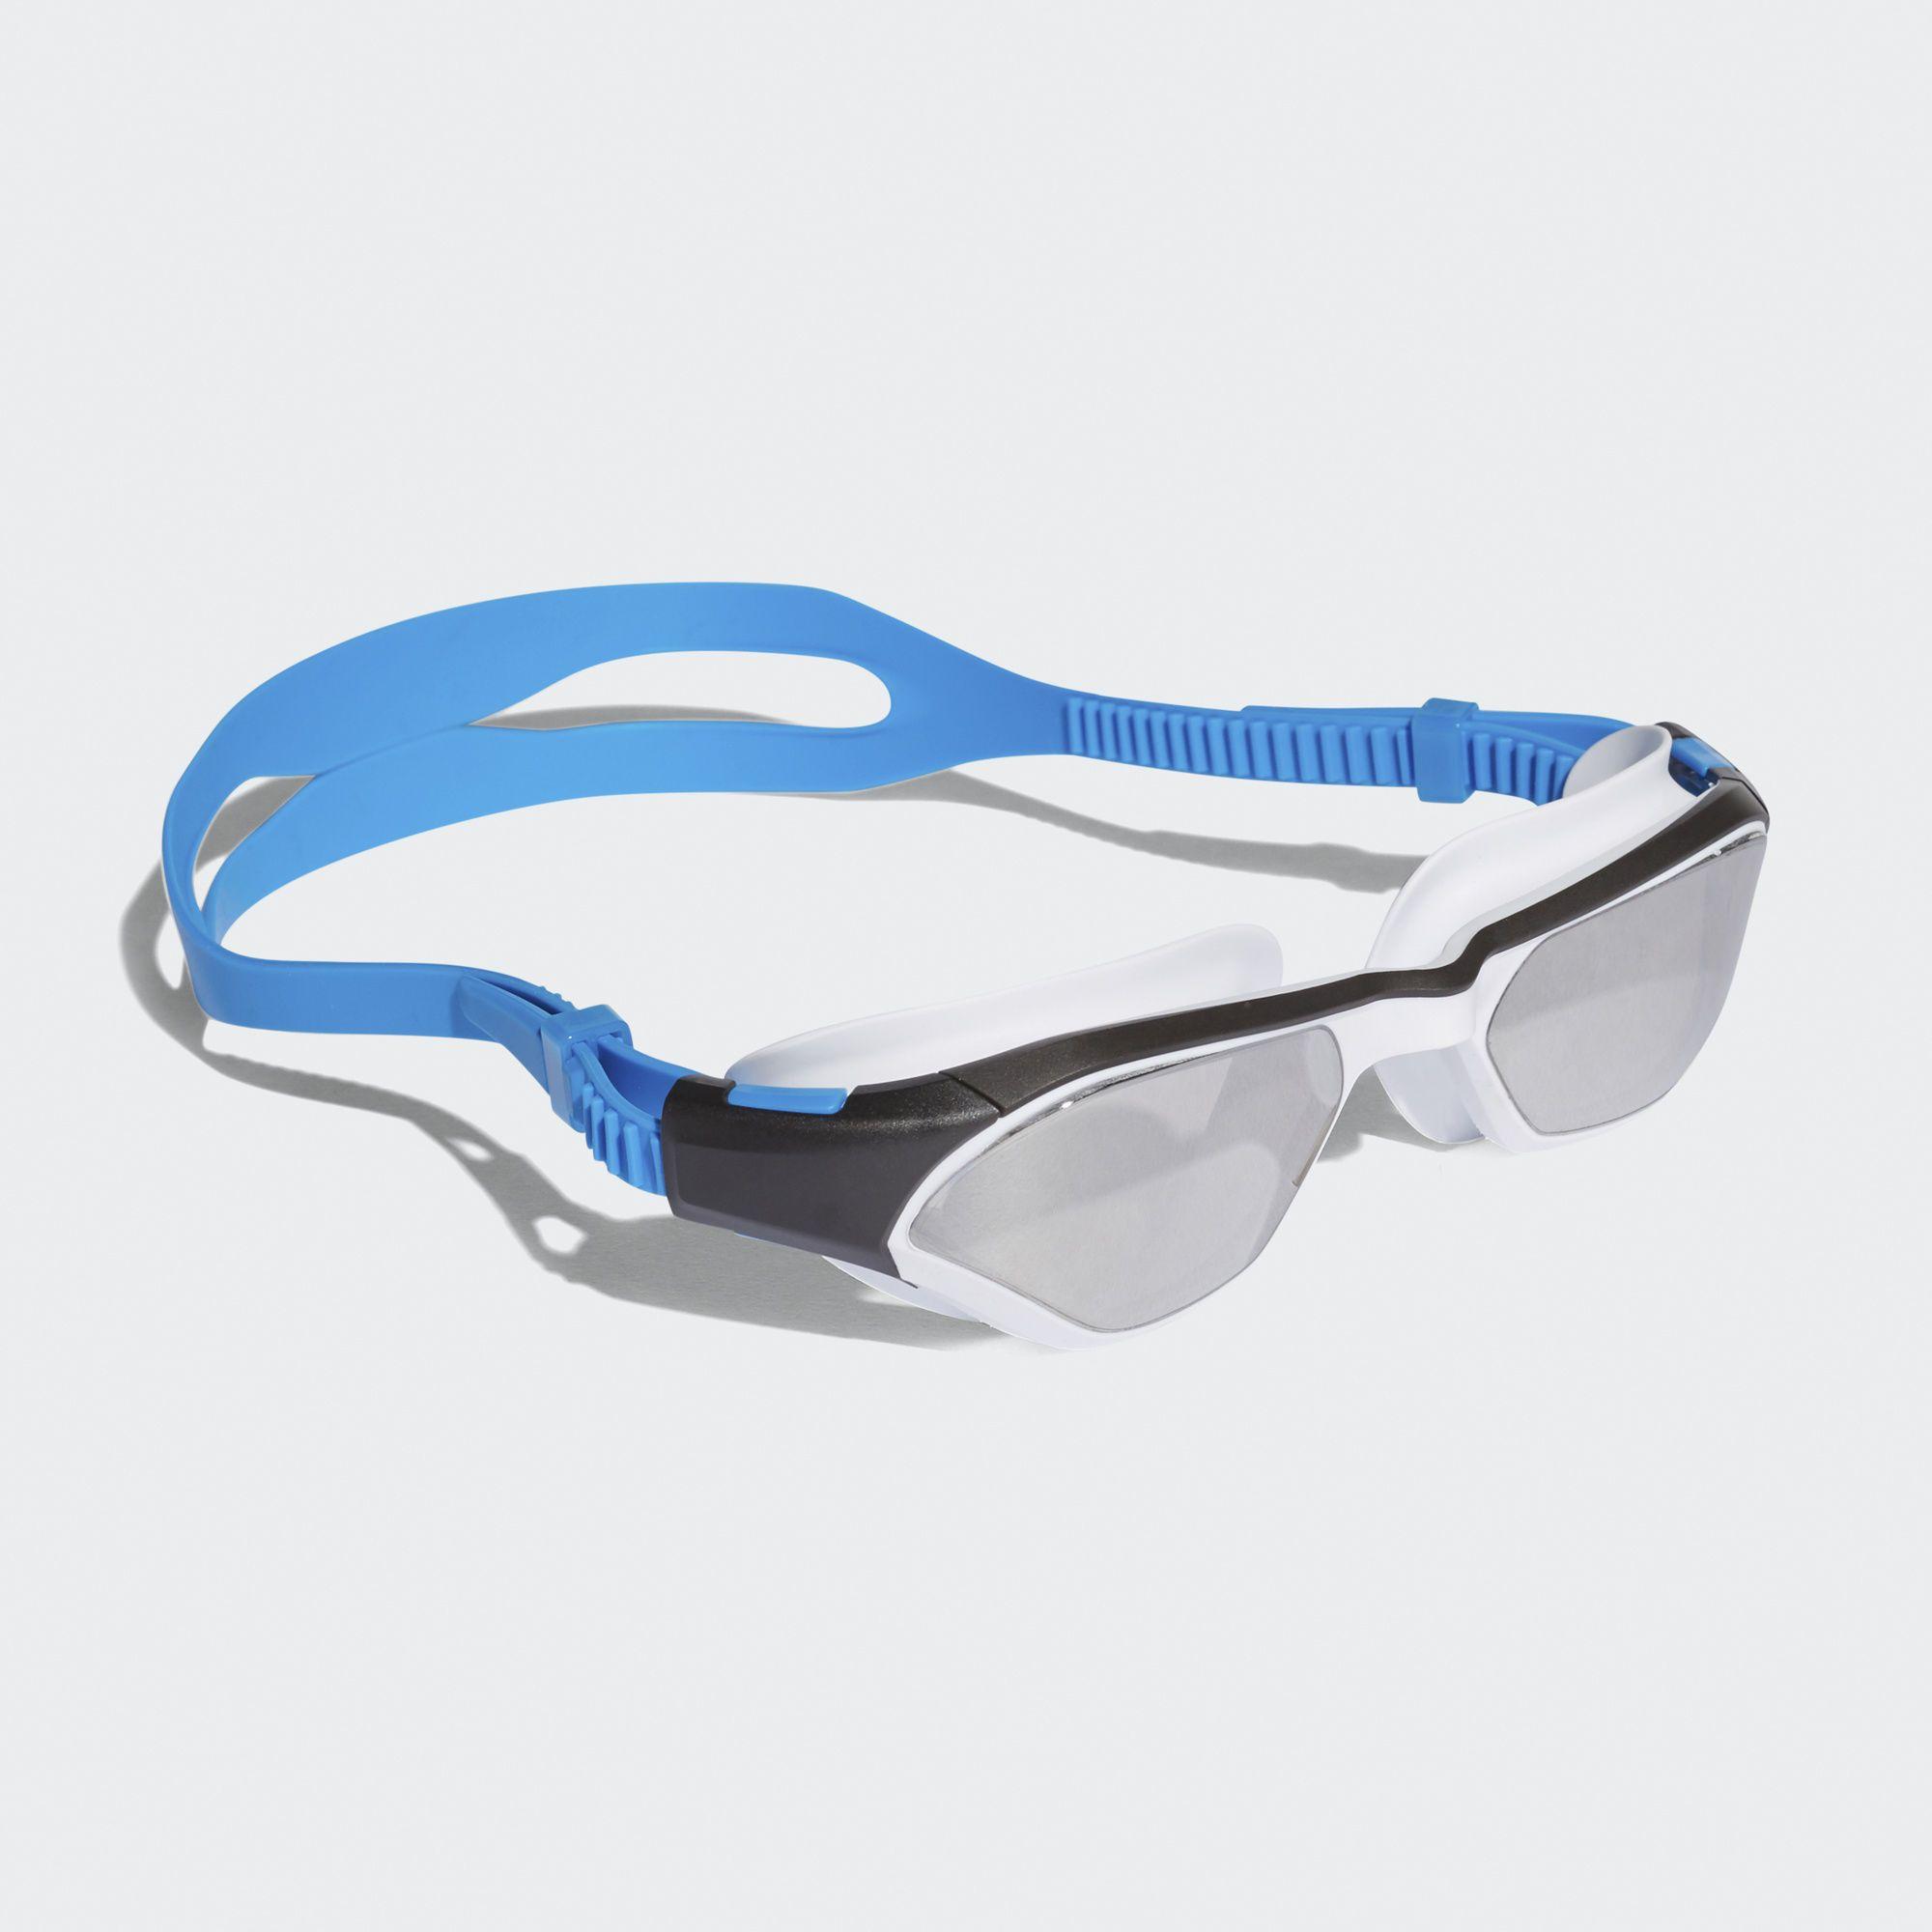 Persistar 180 Mirrored Schwimmbrille Oakley sunglasses